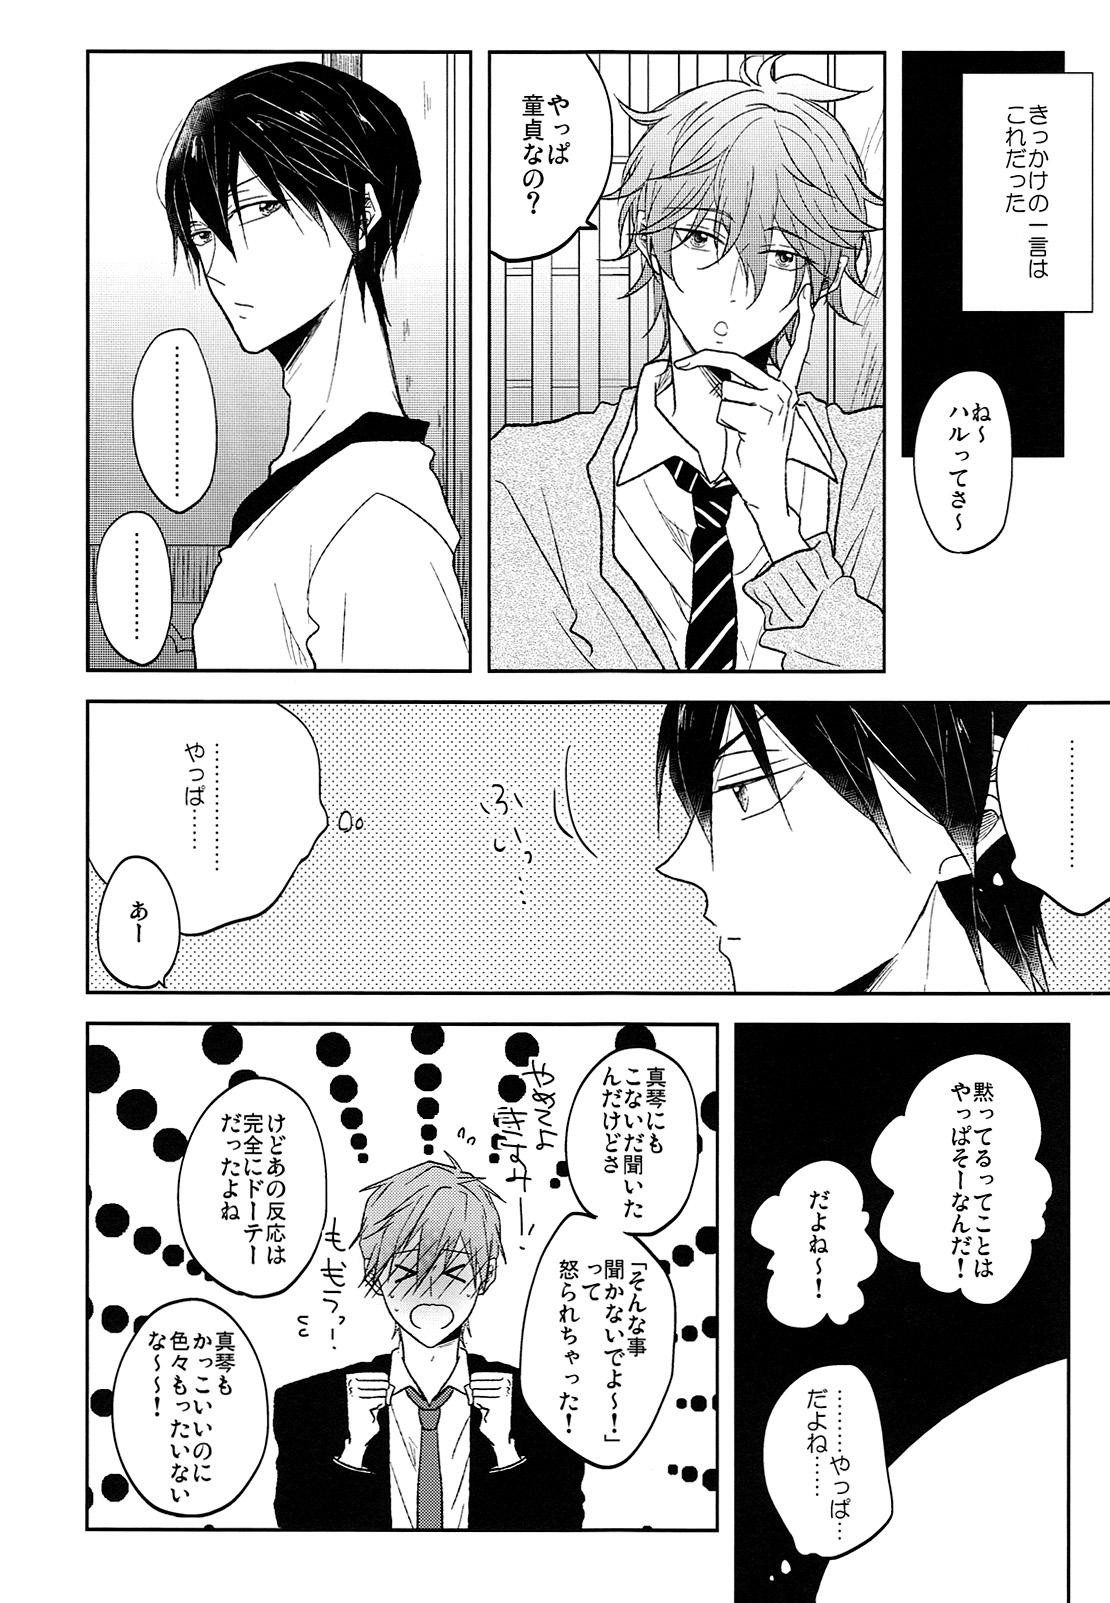 Hizamazuite nyan to nake 4